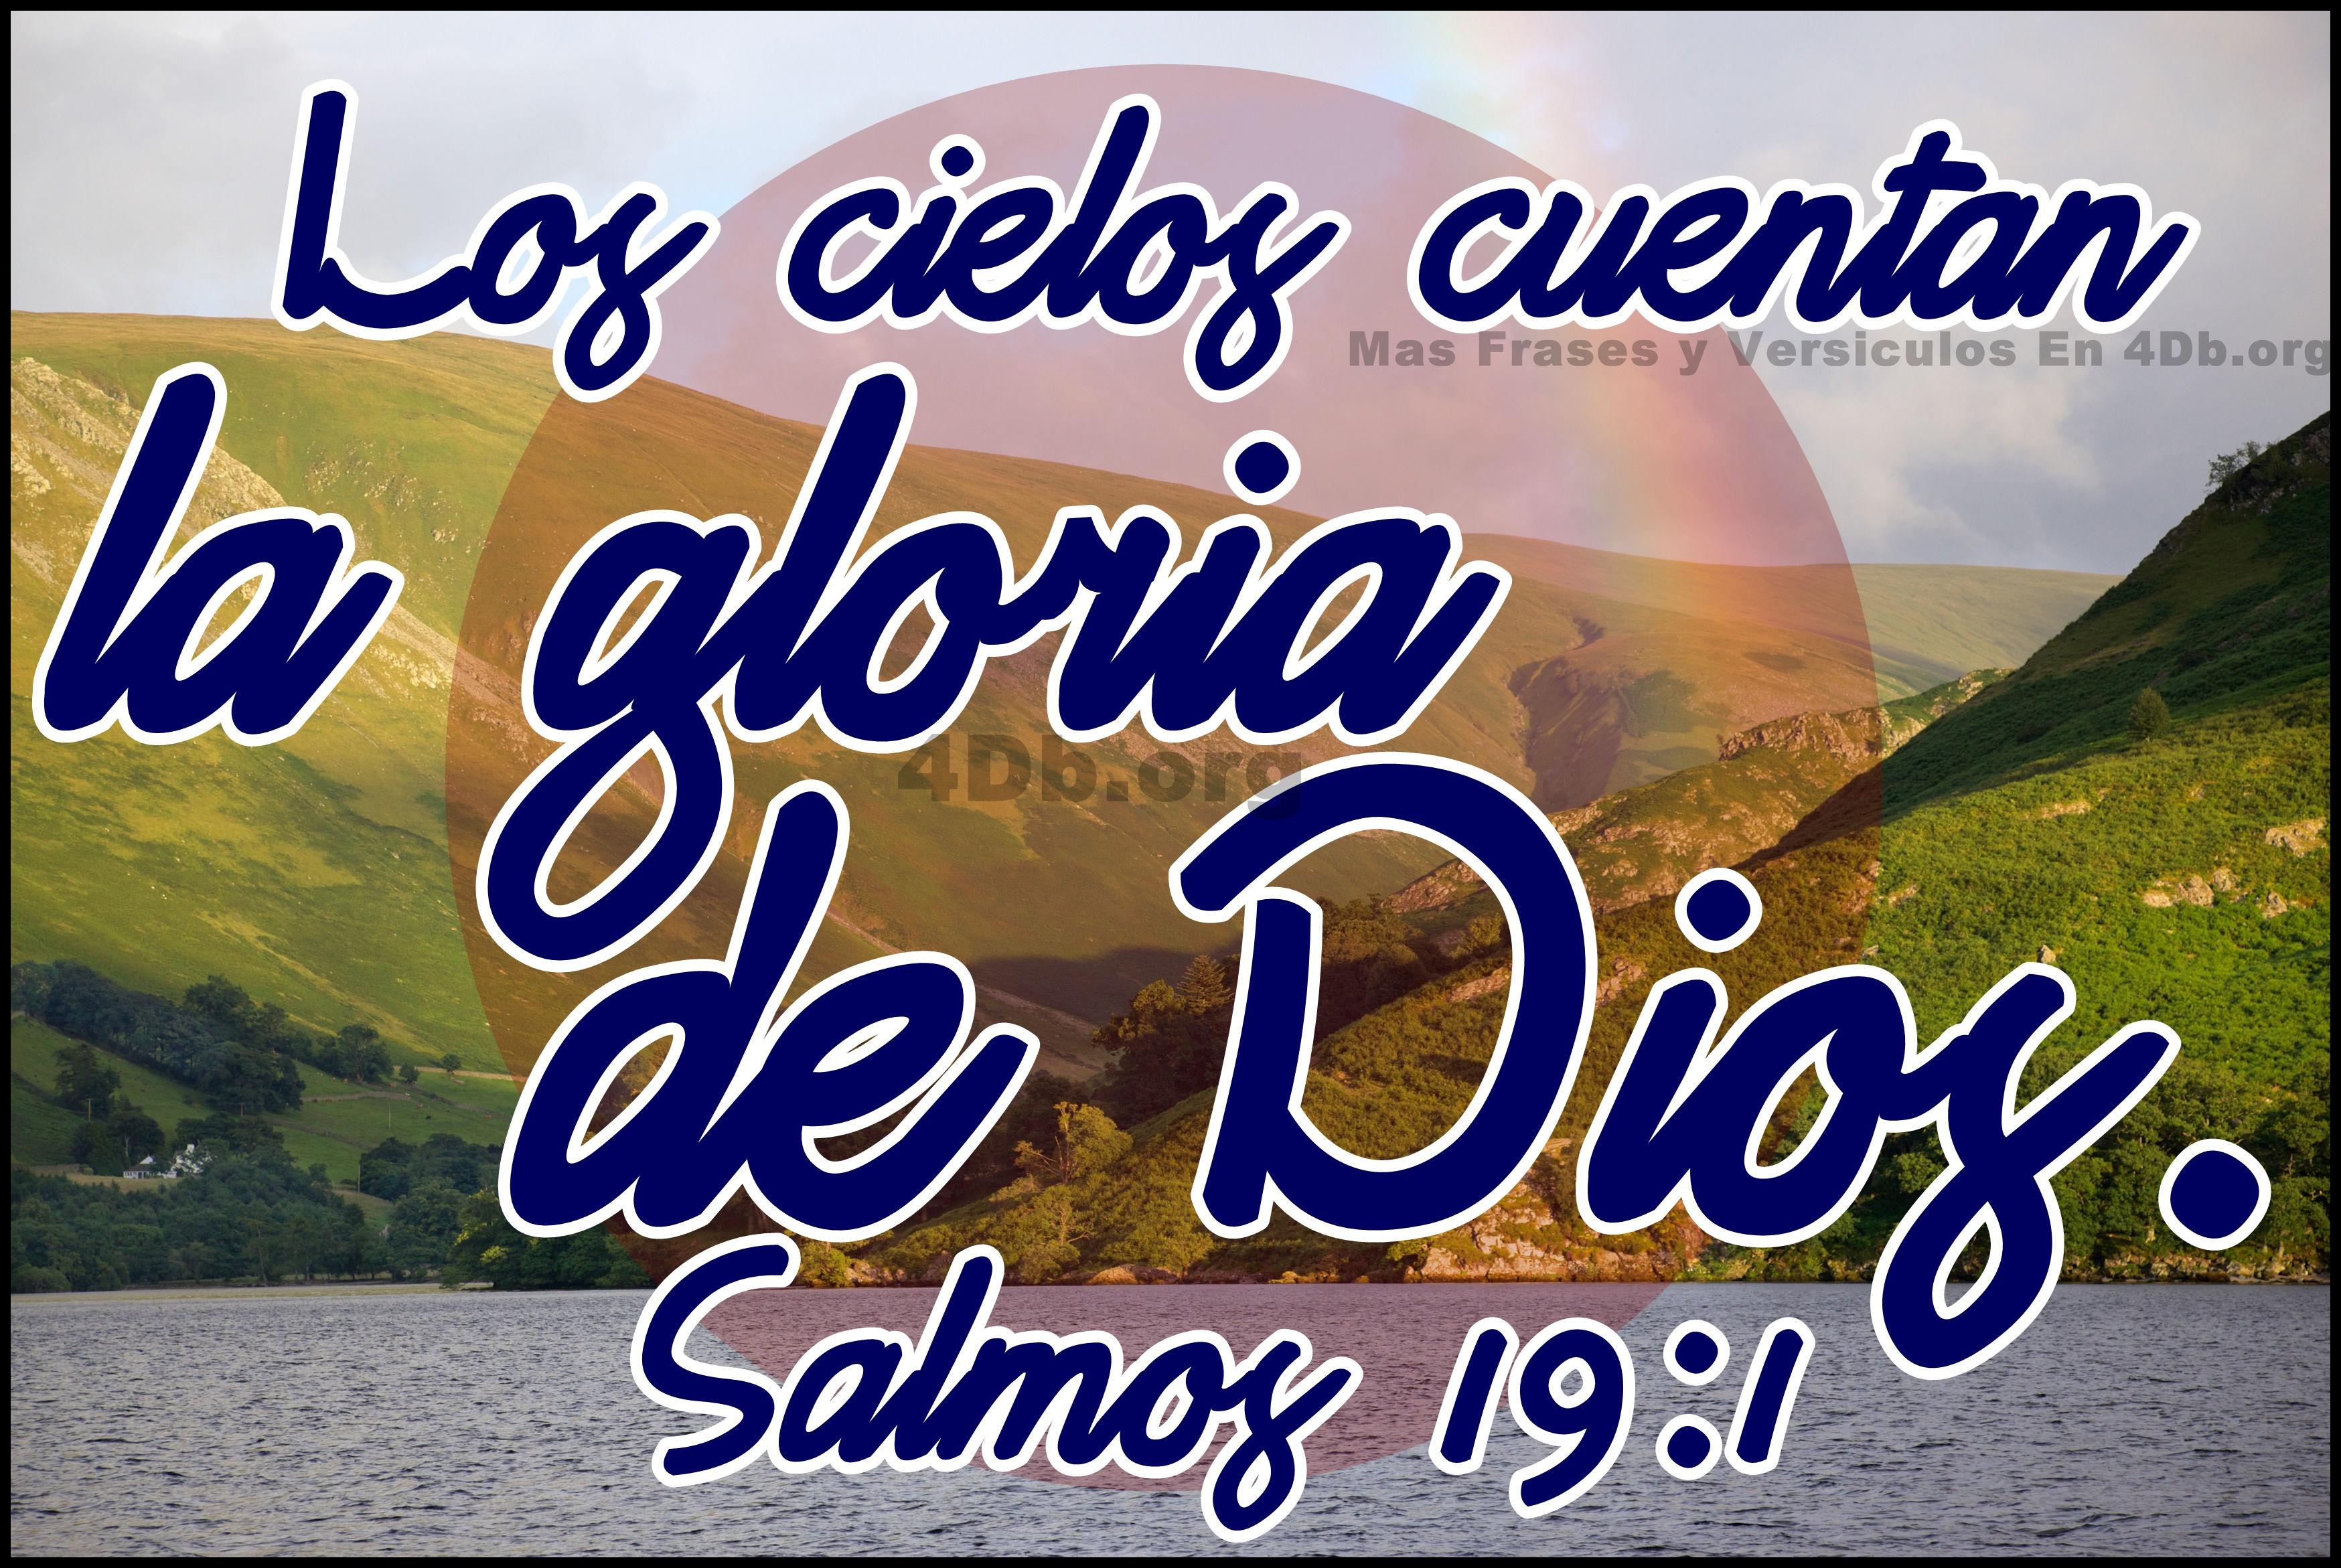 Dios Es Bueno Frases Y Reflexiones Salmos 19:1.